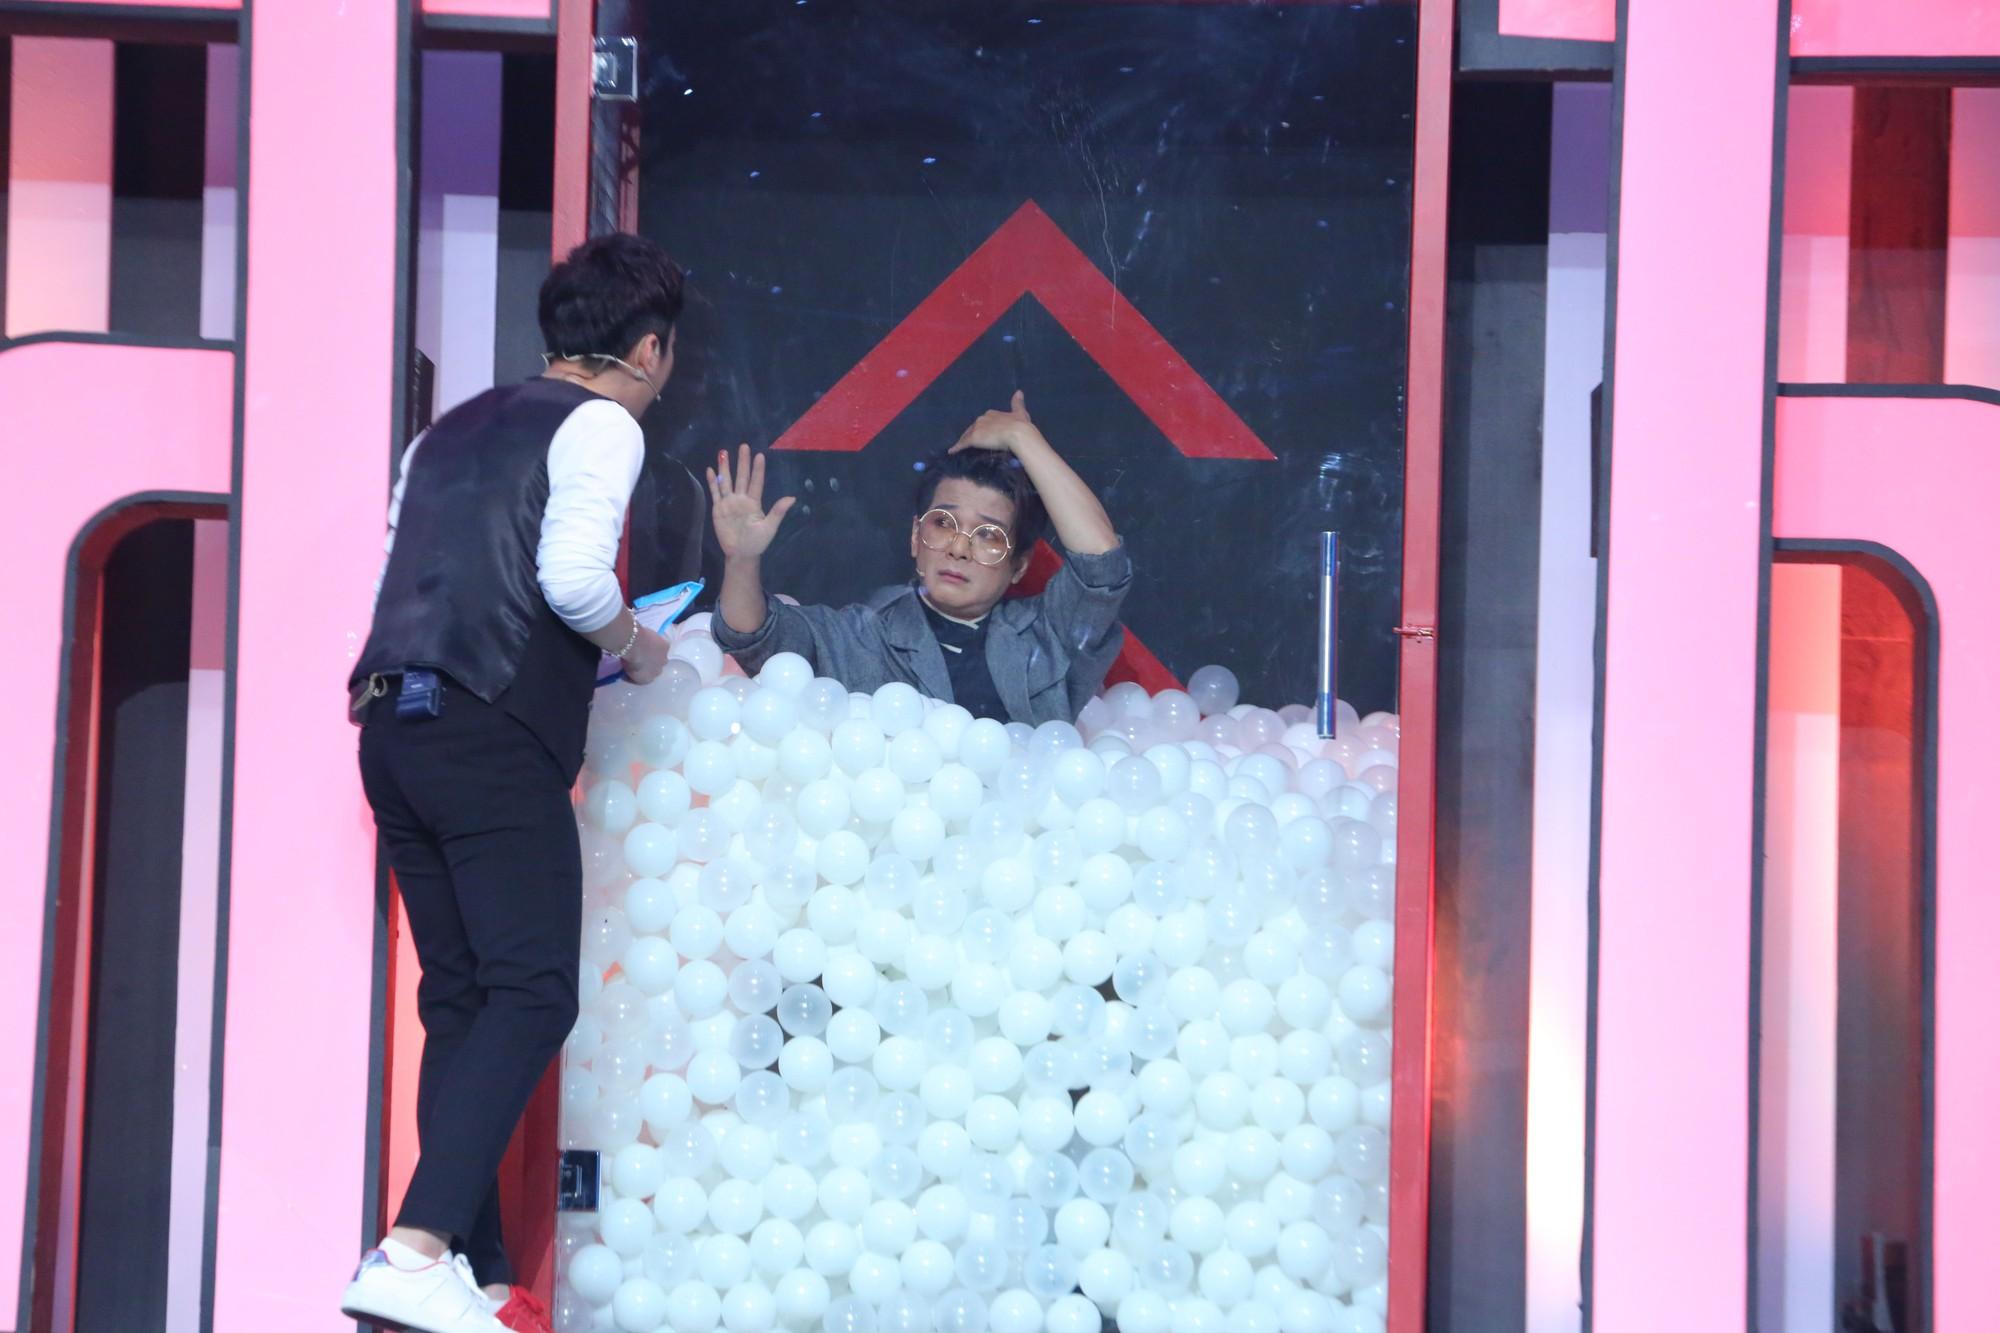 Vũ Hà gặp tai nạn rách da đầu, chảy máu khi quay gameshow - Ảnh 3.